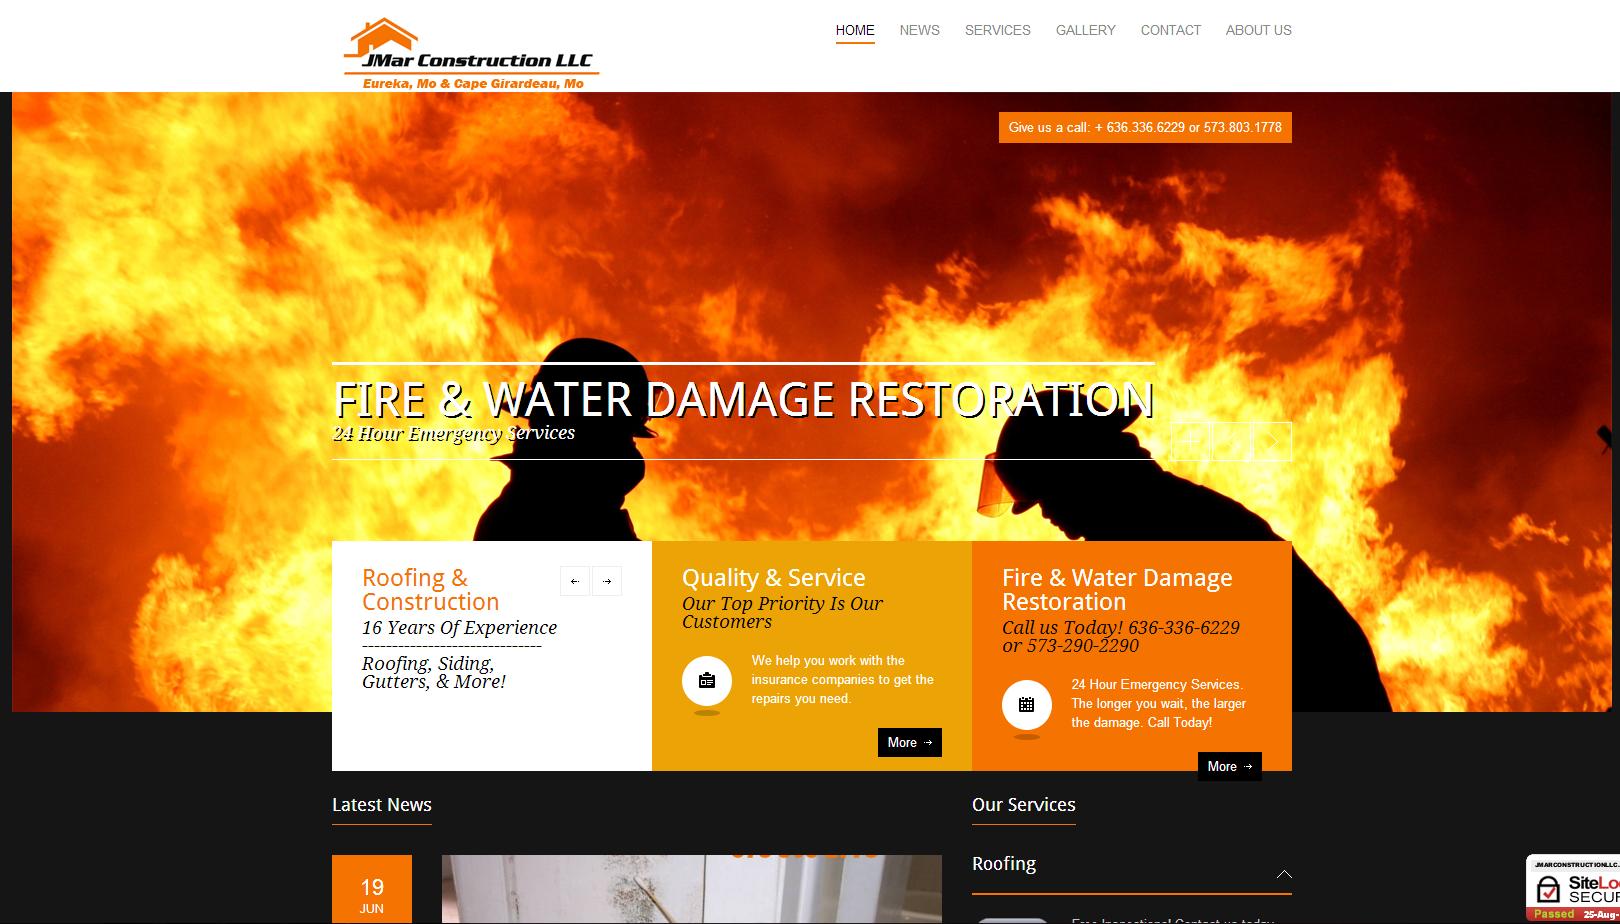 Web Design & SEO JMAR Construction